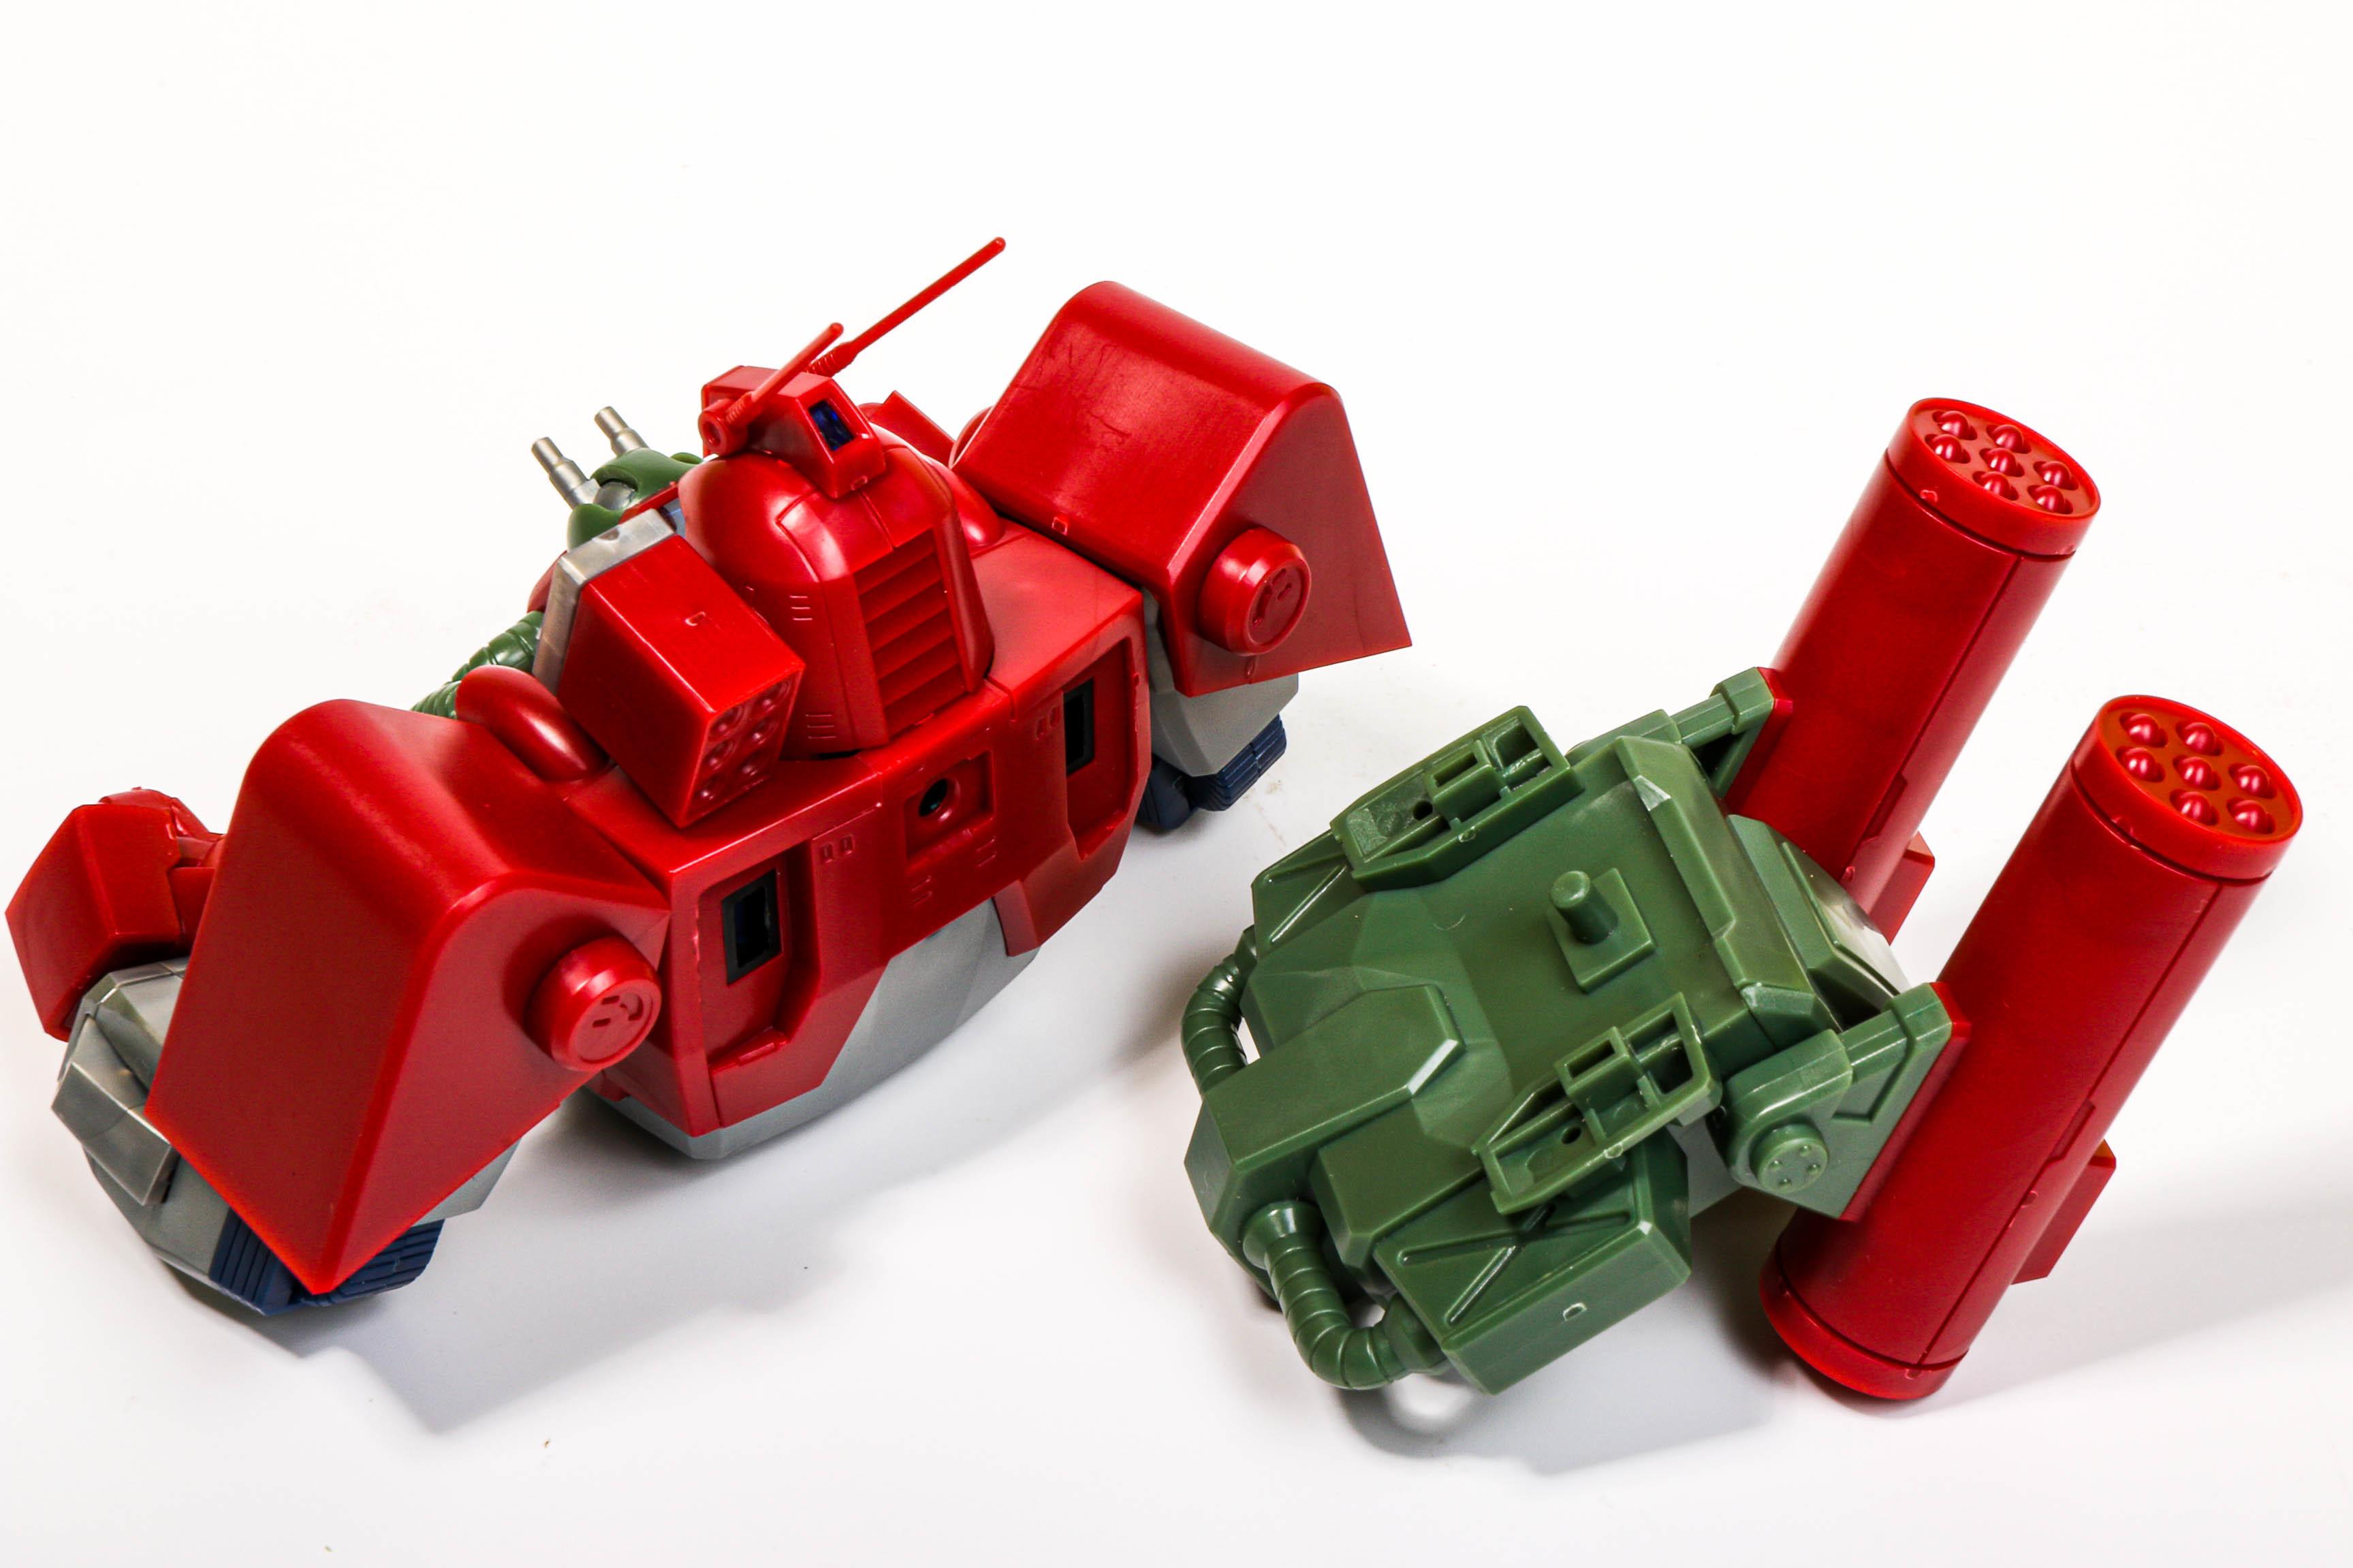 PLAMAX コンバットアーマーズマックスキットレビュー!! アビテート T10B ブロックヘッド 強化型ザック装着タイプ_f0395912_17072927.jpg